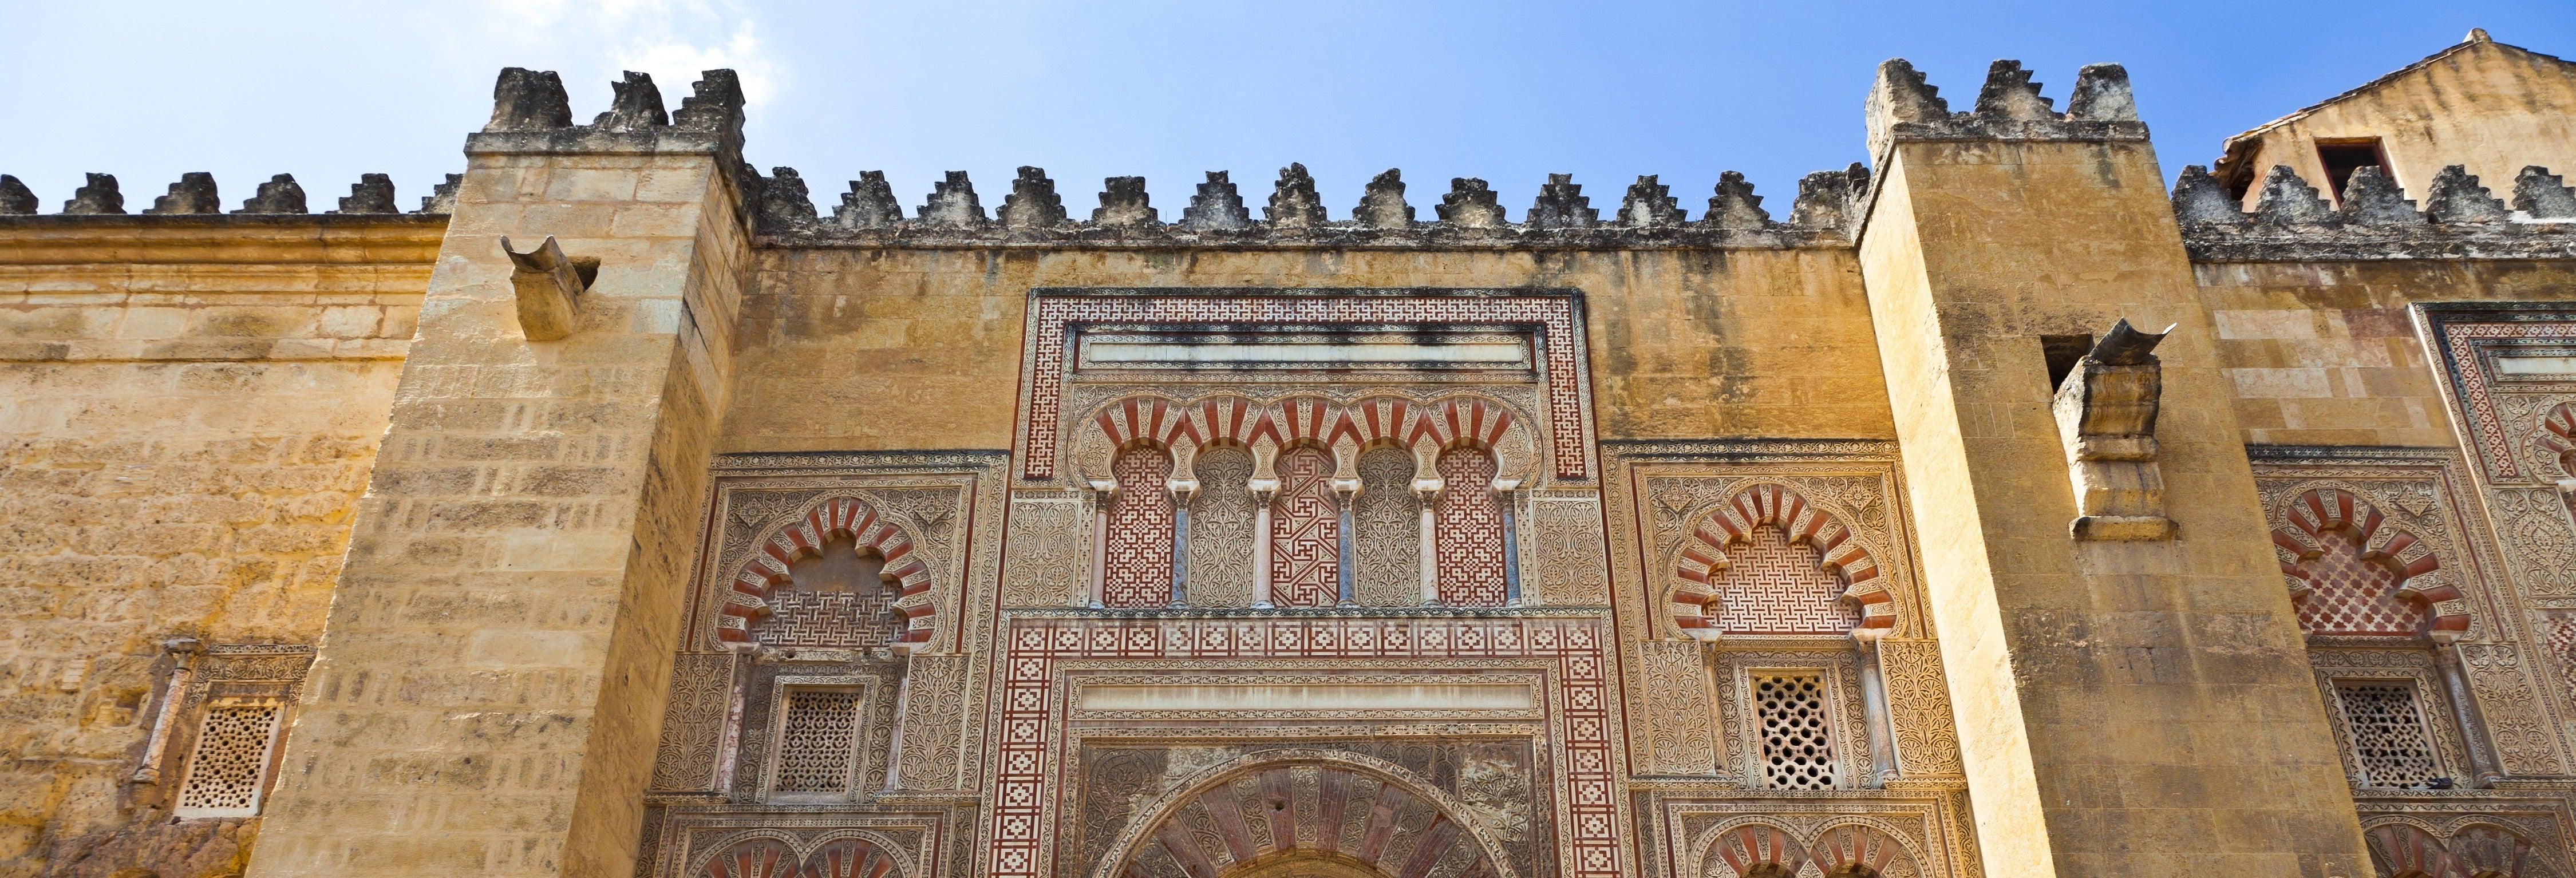 Visita guidata della Moschea e del Ghetto ebraico